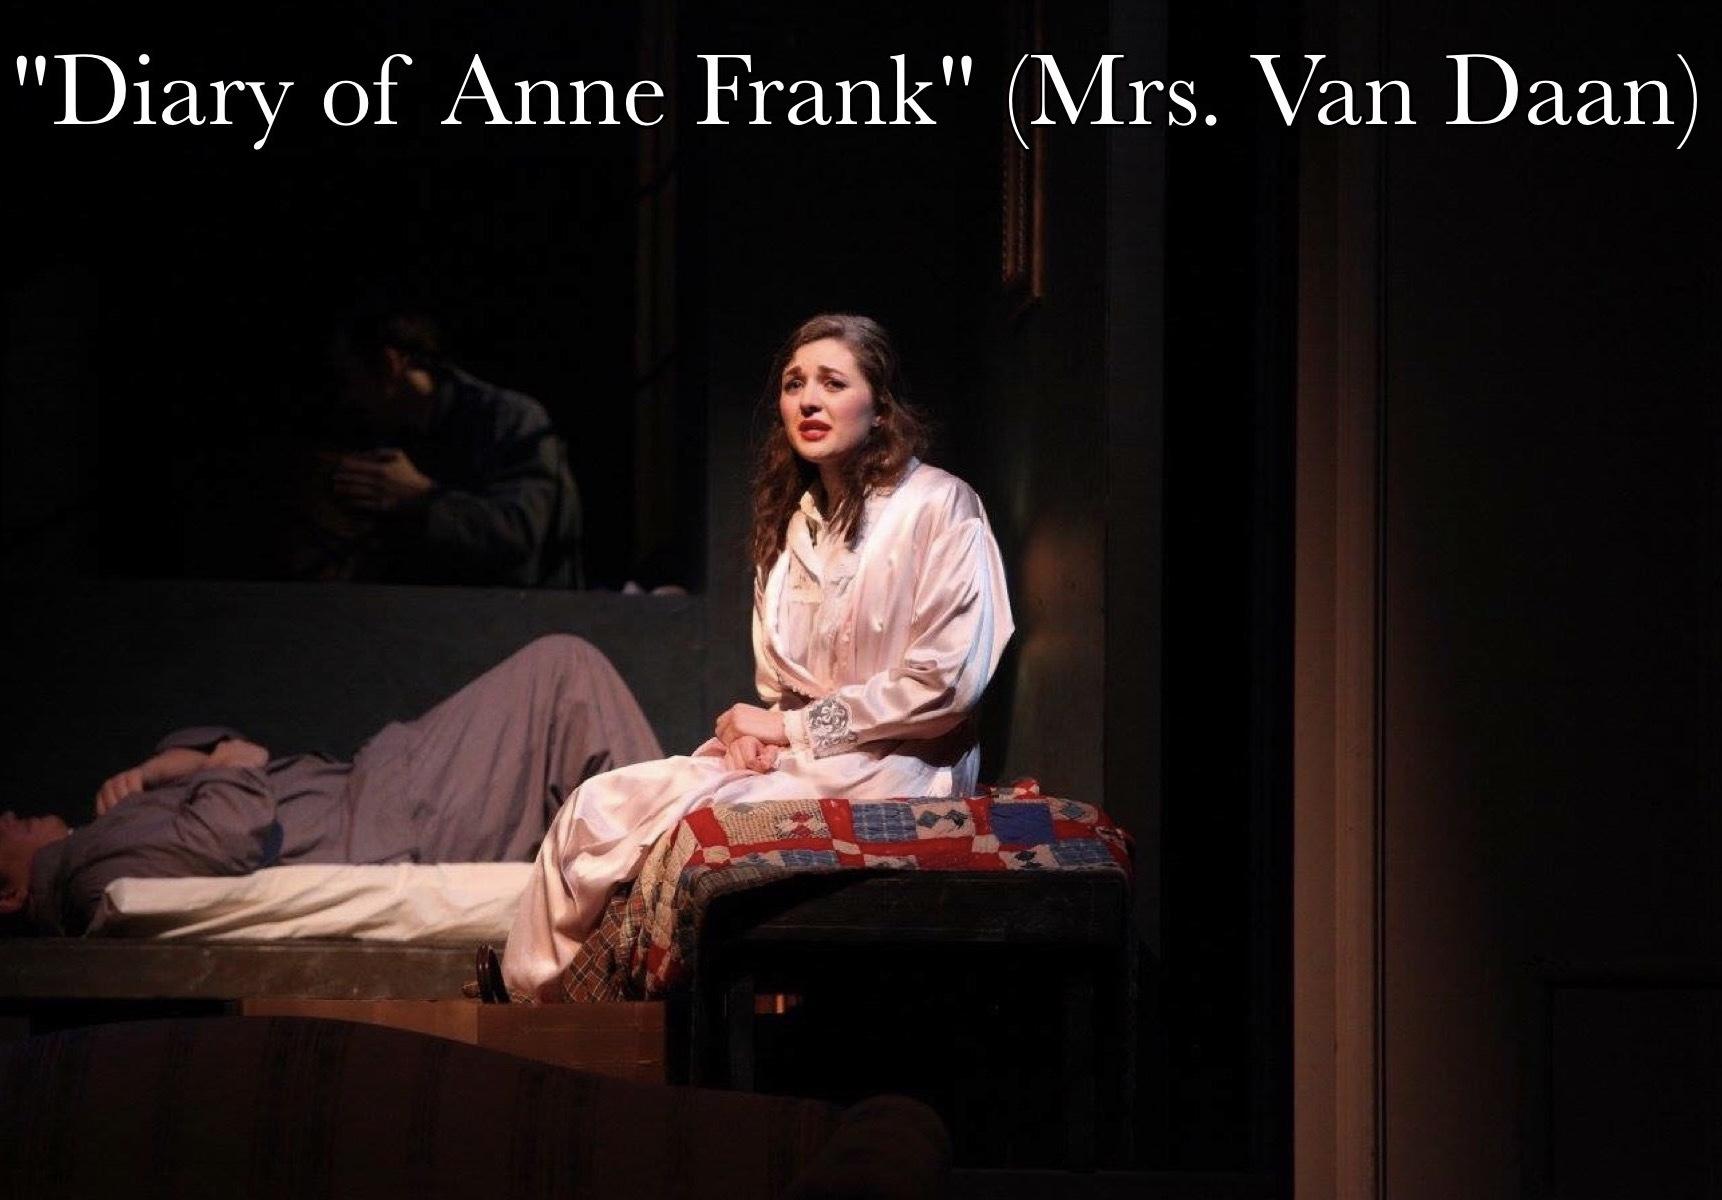 Diary anne frank 2